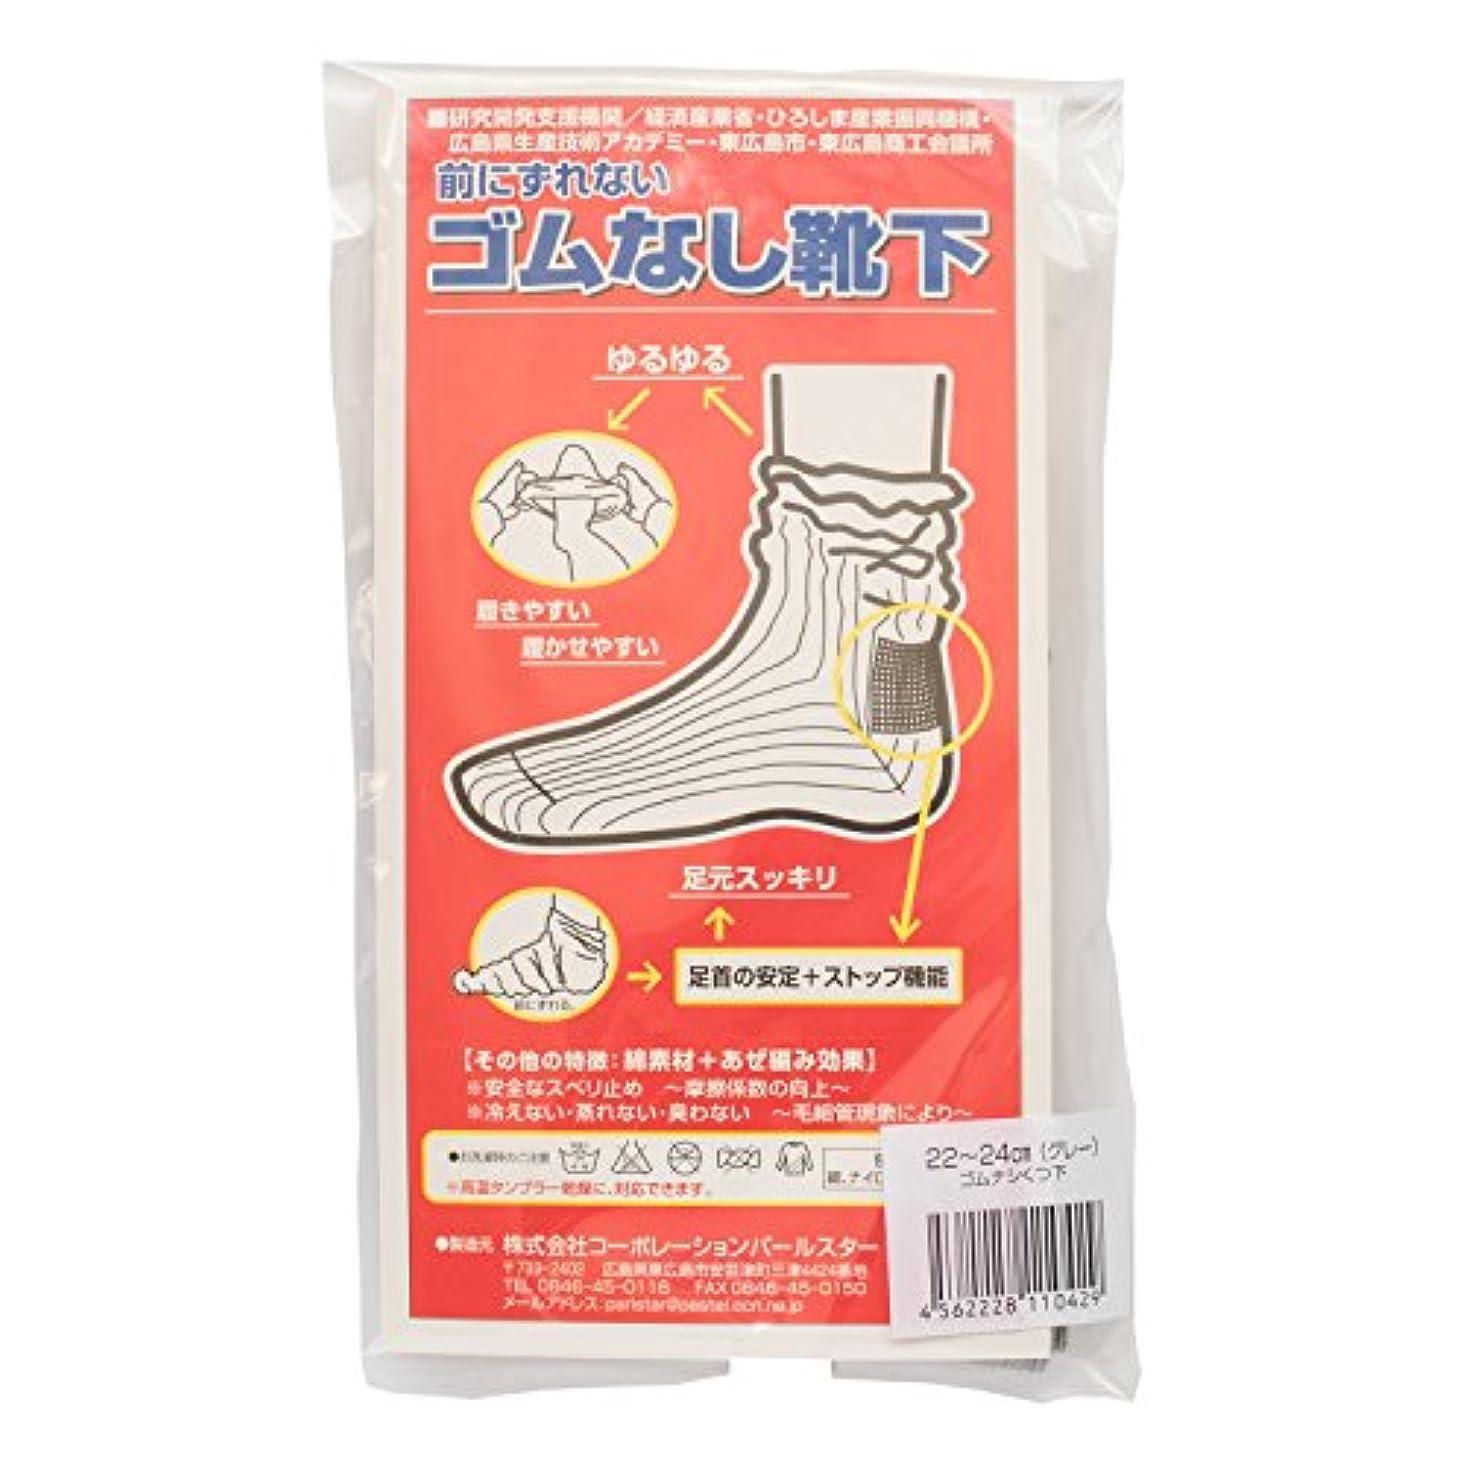 故障送料未払いコーポレーションパールスター 前にずれない ゴムなし靴下 グレー 22~24cm